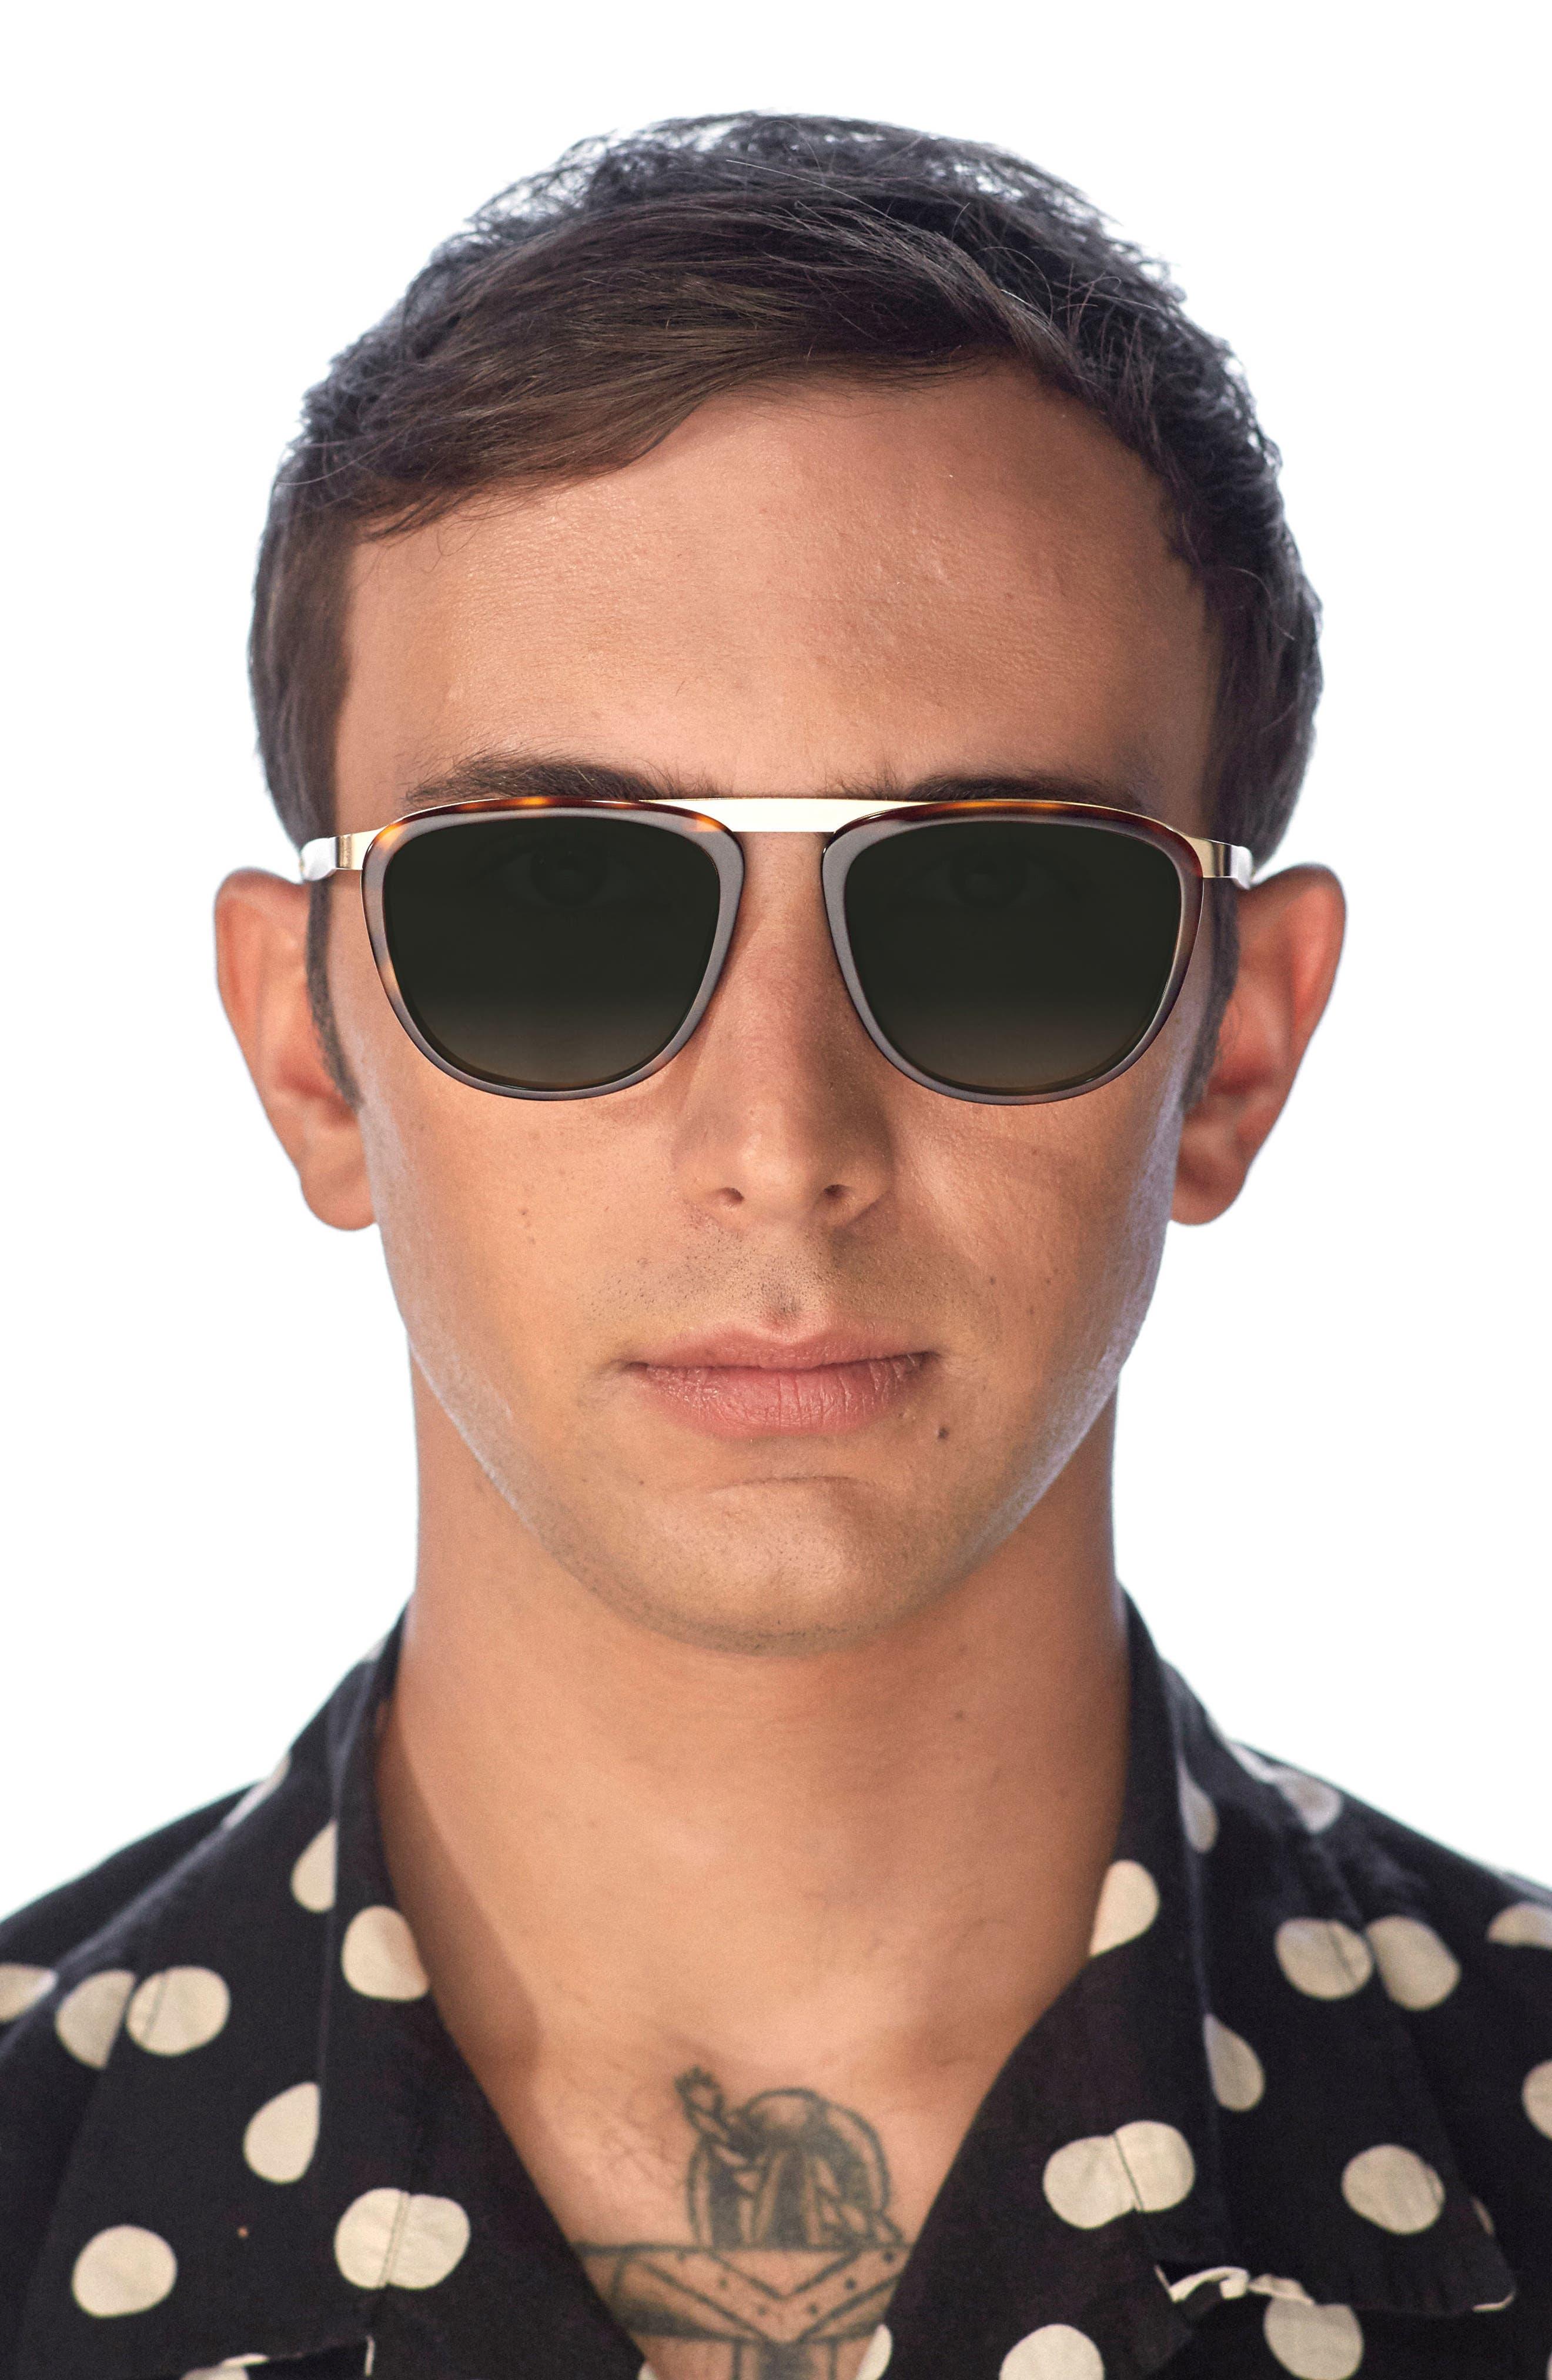 Pusherman 52mm Retro Sunglasses,                             Alternate thumbnail 4, color,                             200